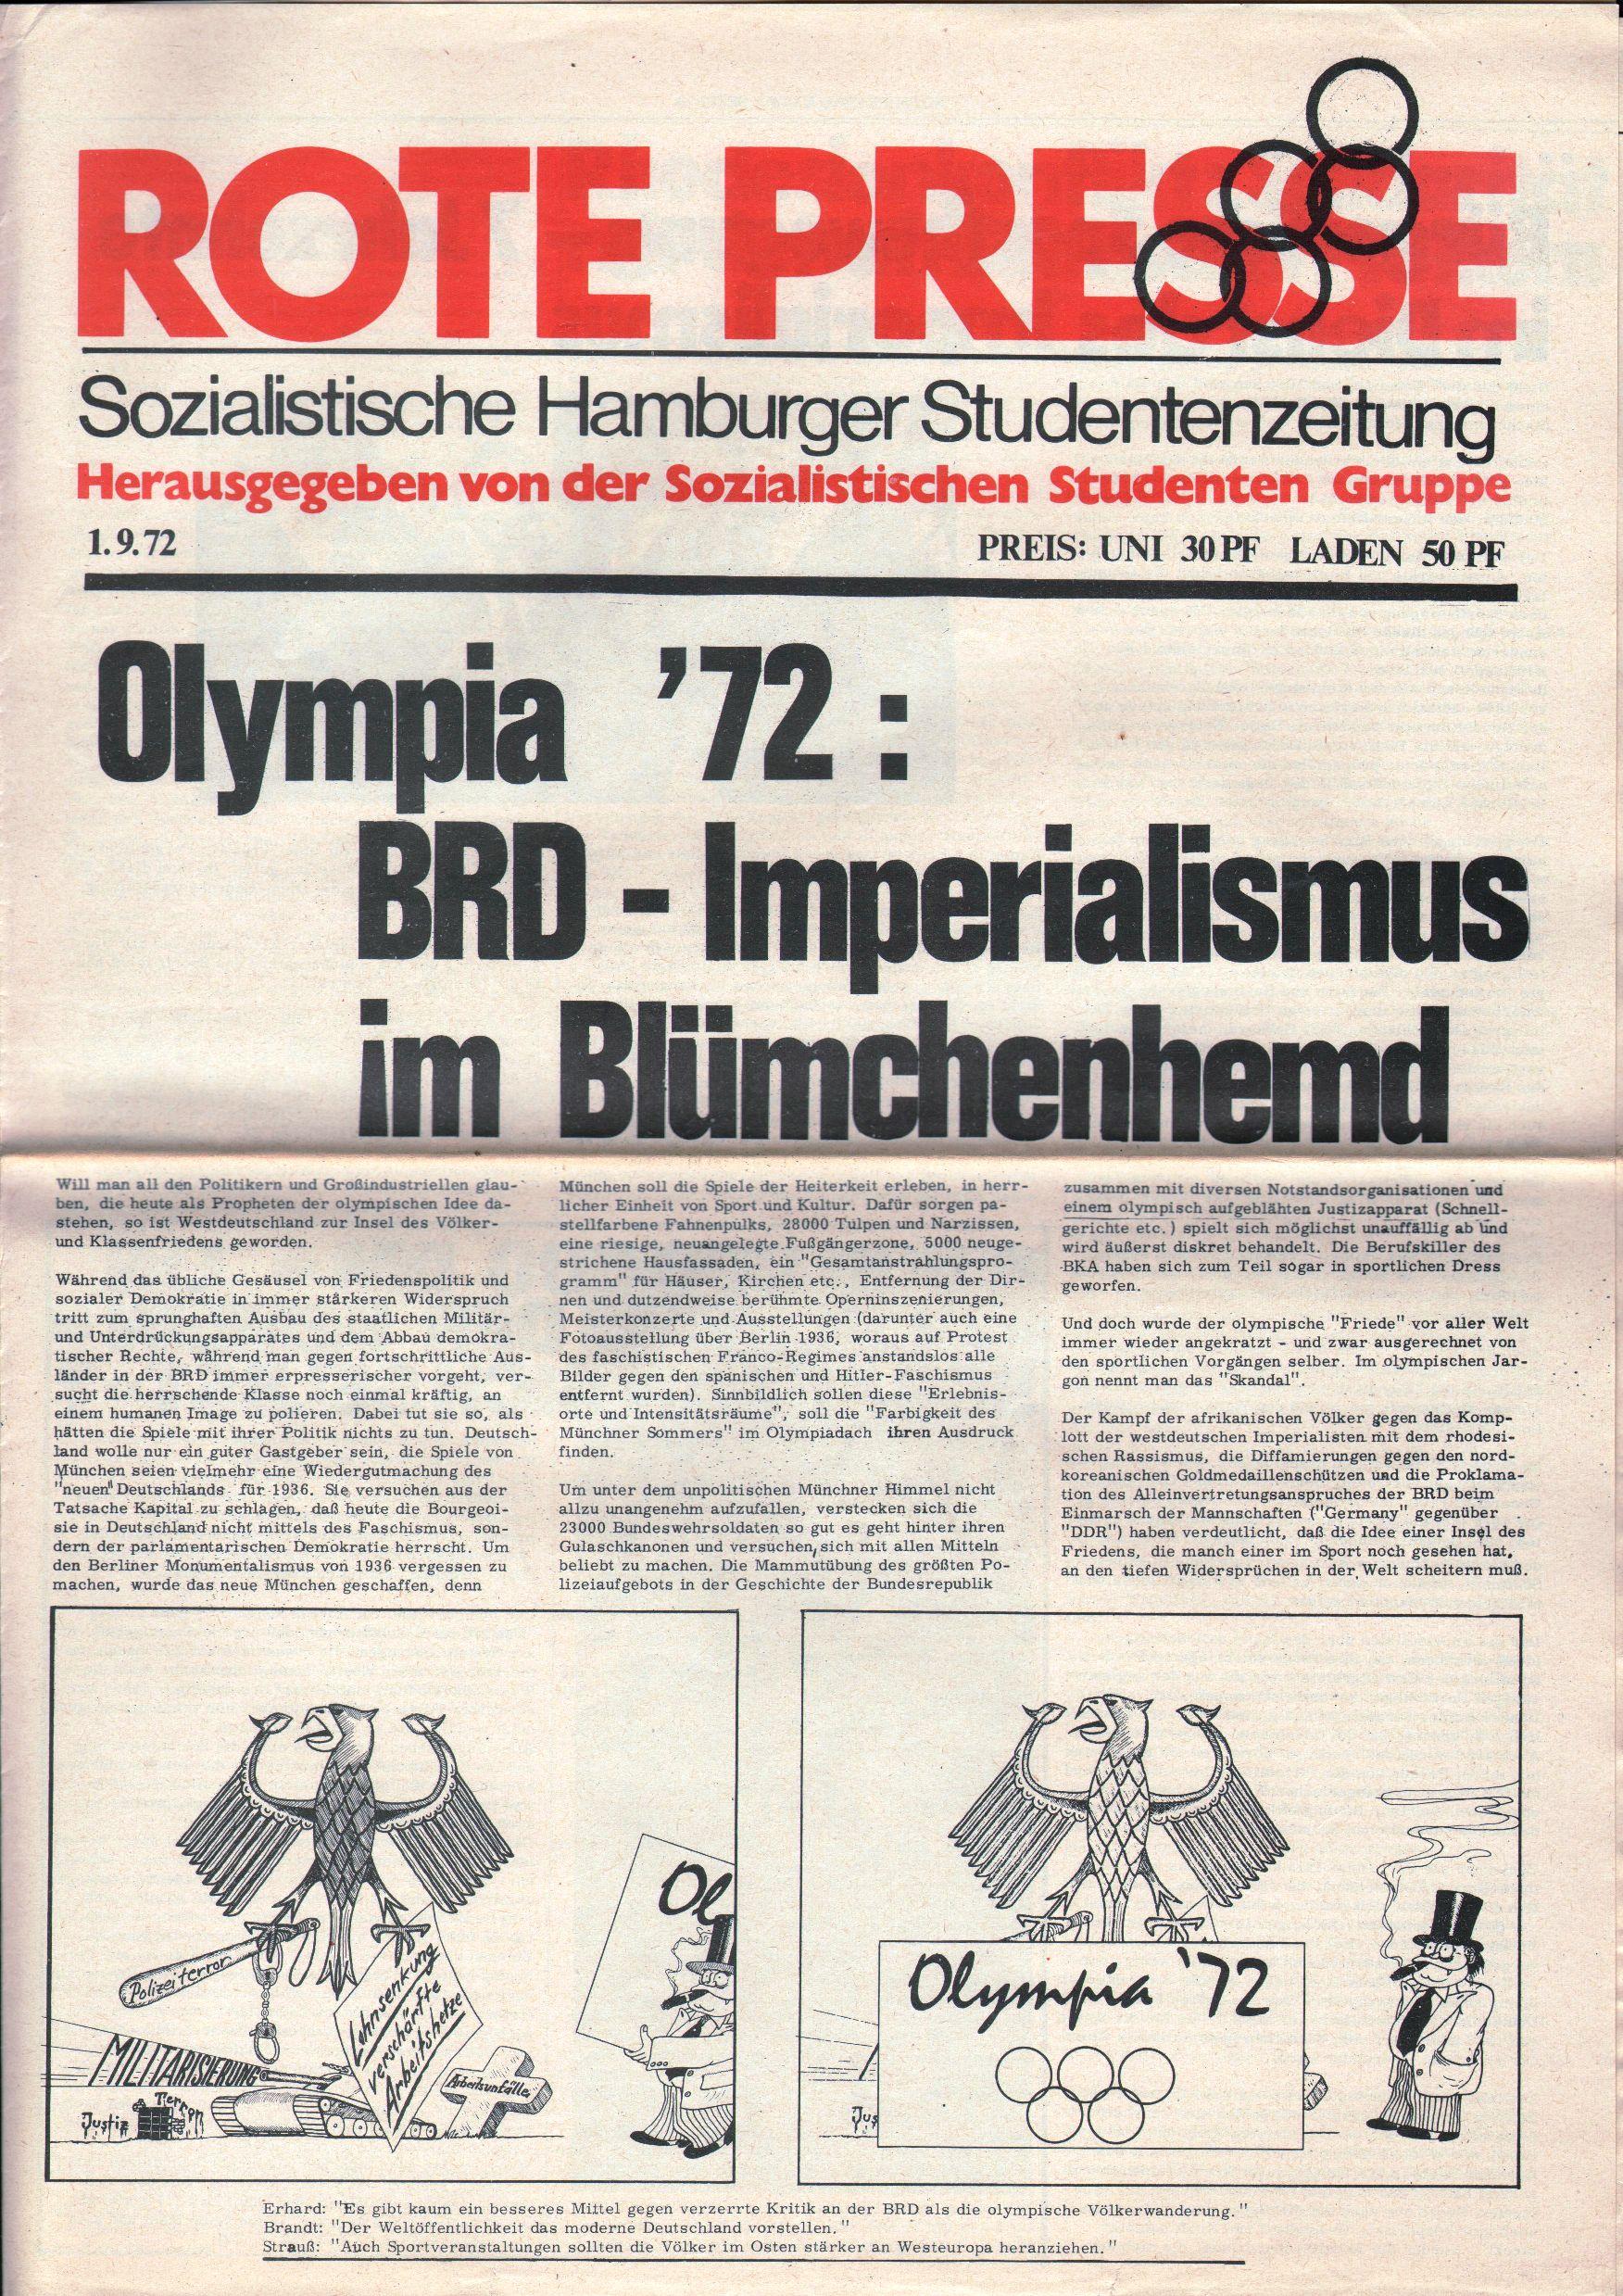 Hamburg_Rote_Presse347